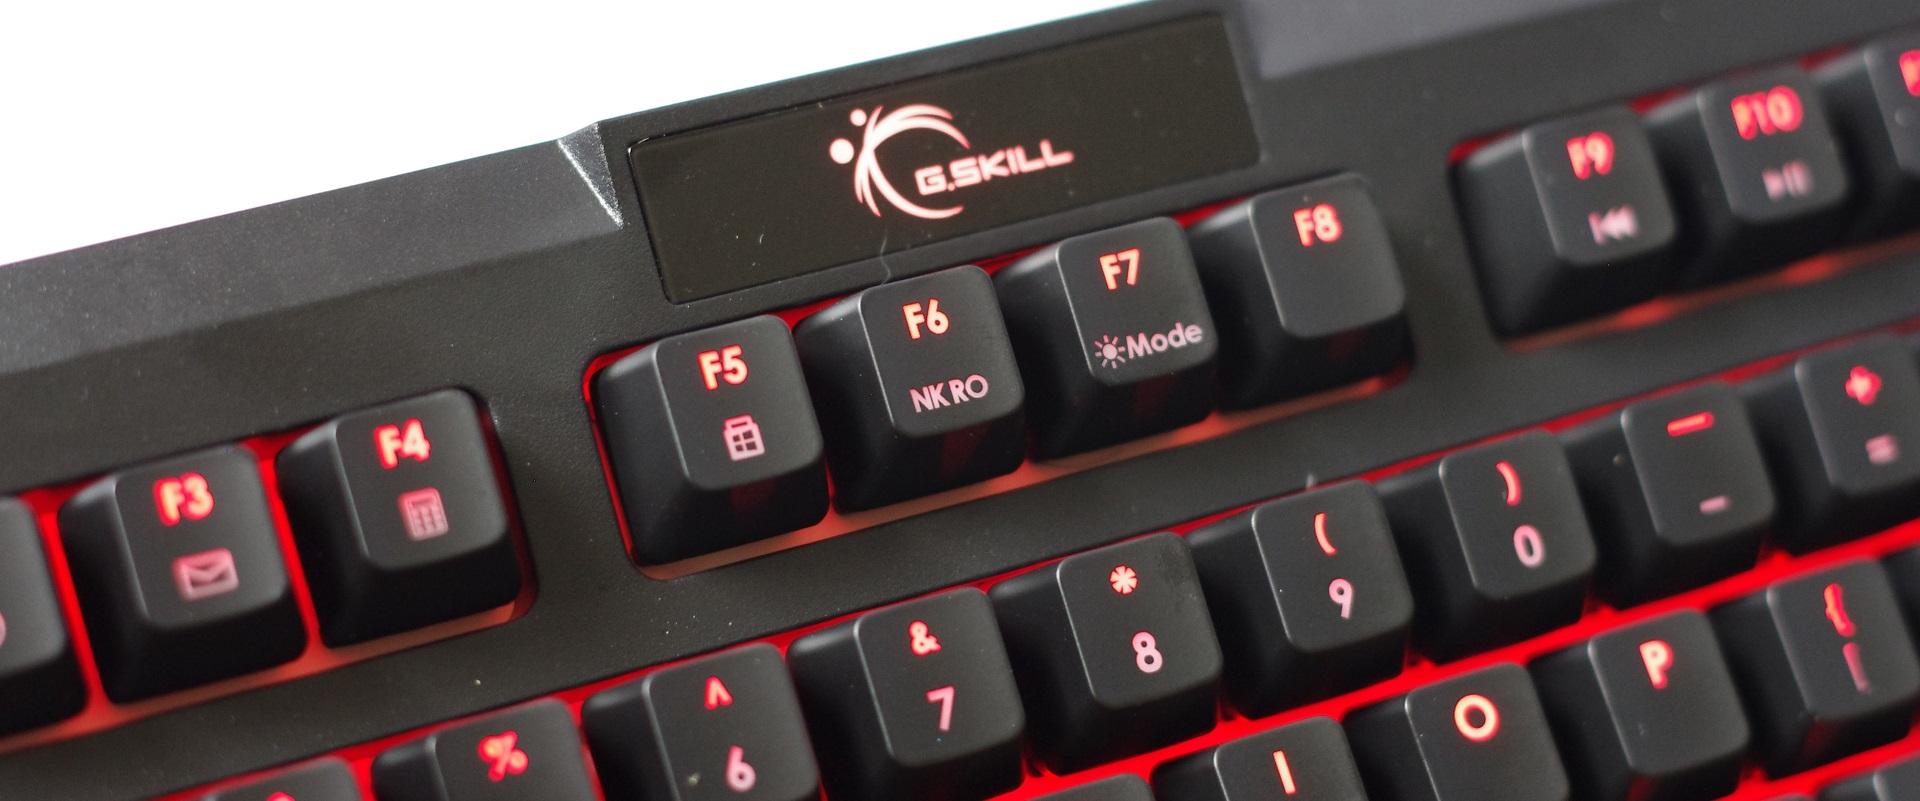 G.SKILL Ripjaws KM560 MX – Đánh Giá Gaming Gear